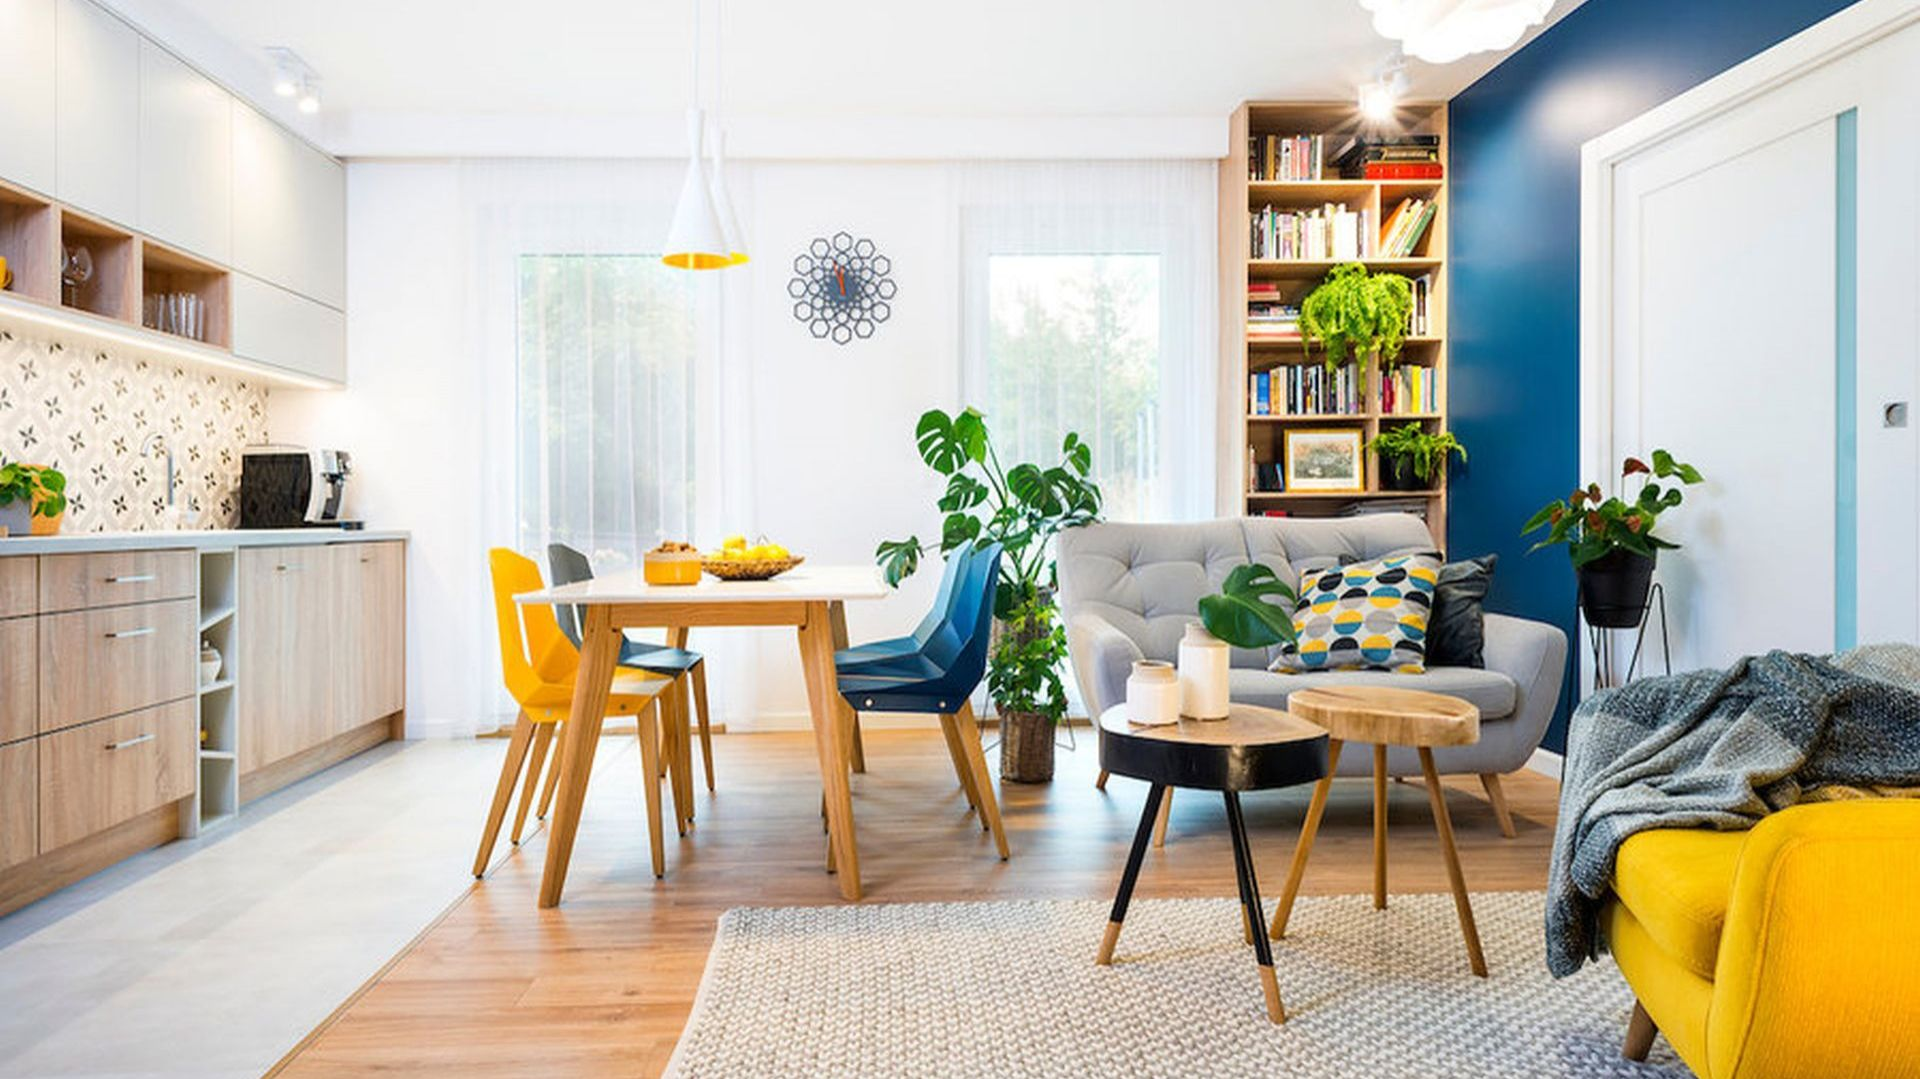 Piękny jasny salon połączony z aneksem kuchennym i małą jadalnią, urządzony w świeżych kolorach i drewnie. Projekt wnętrza: Krystyna Dziewanowska, Red Cube Design. Zdjęcia Mateusz Torbus 7TH Idea